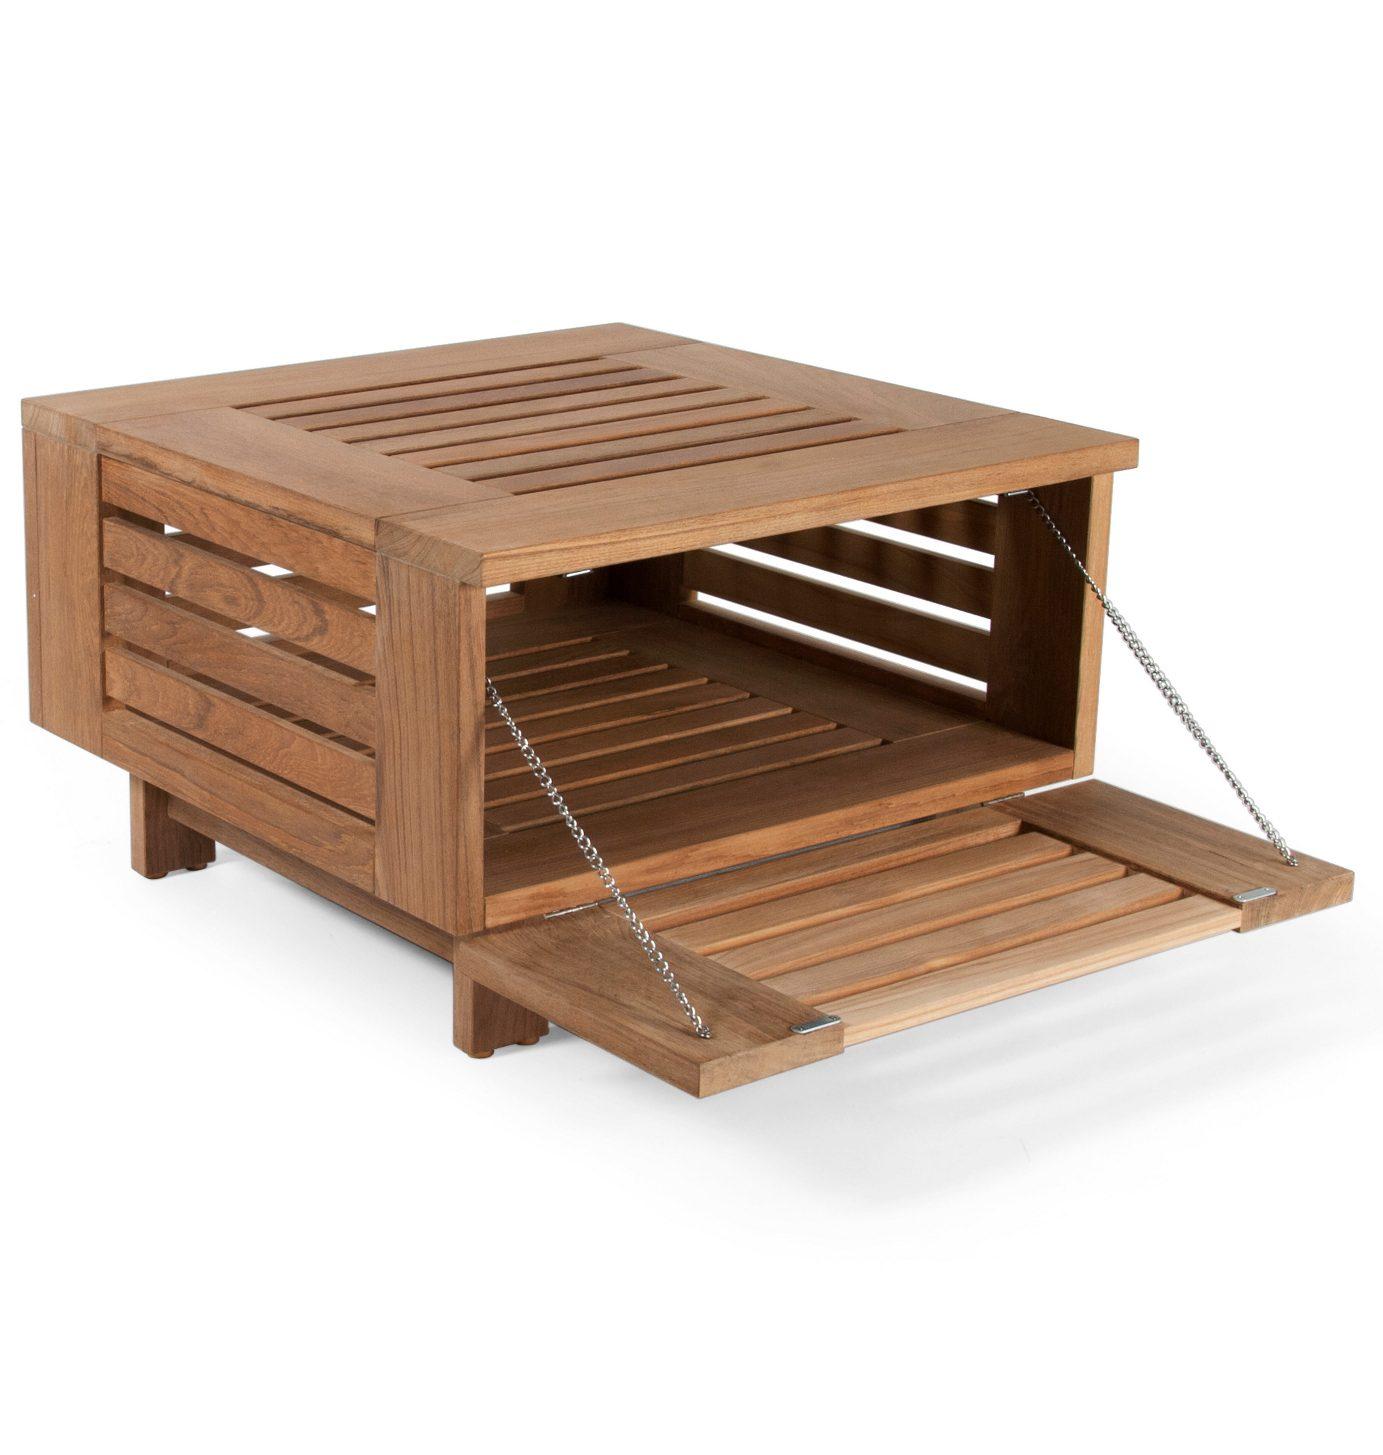 Falsterbo soffbord i teak med öppen sida.